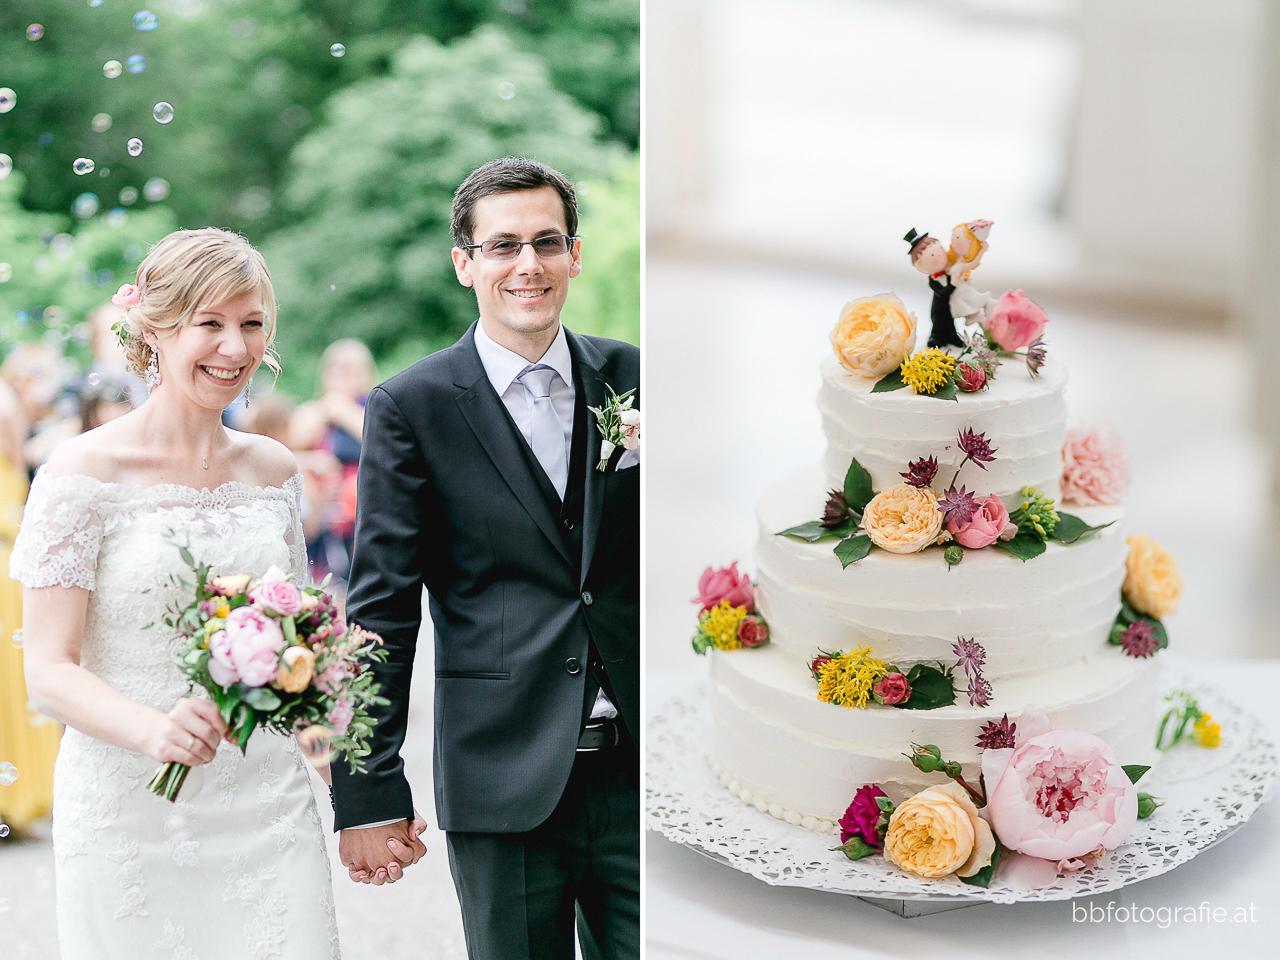 Hochzeitsfotograf, Hochzeitsfotograf Burgenland, Hochzeit Schloss Esterhazy, Hochzeit Orangerie Schloss Esterhazy, Hochzeitstorte, Hochzeitslocation Burgenland, b&b fotografie